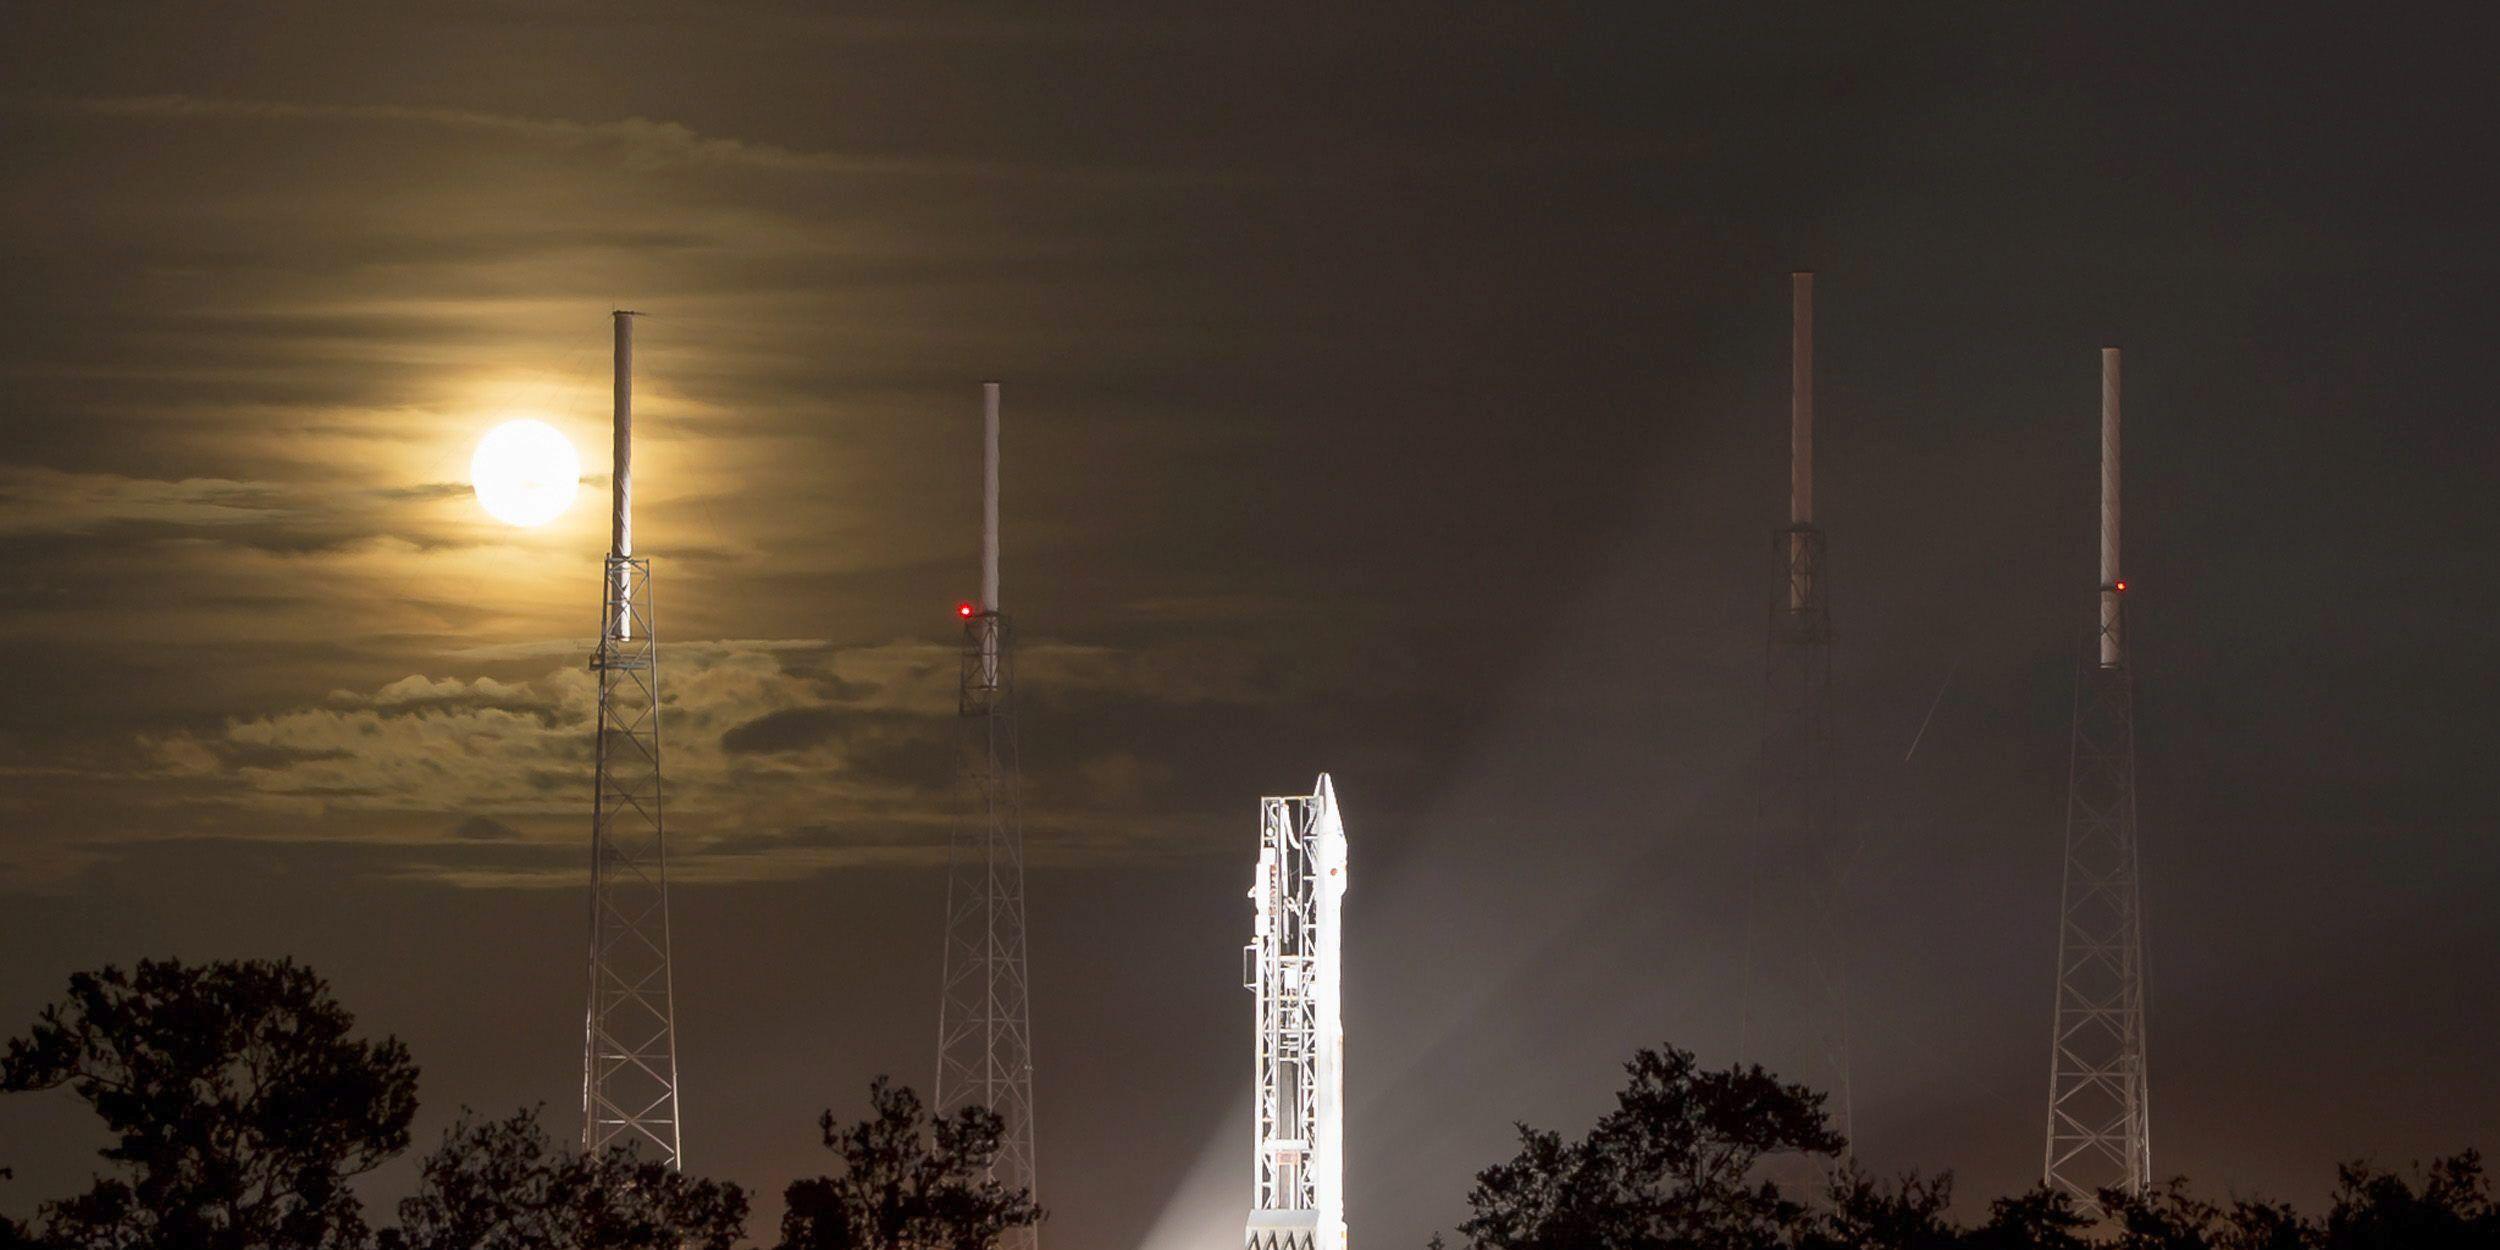 ¿Cómo perdió Marte su atmósfera?